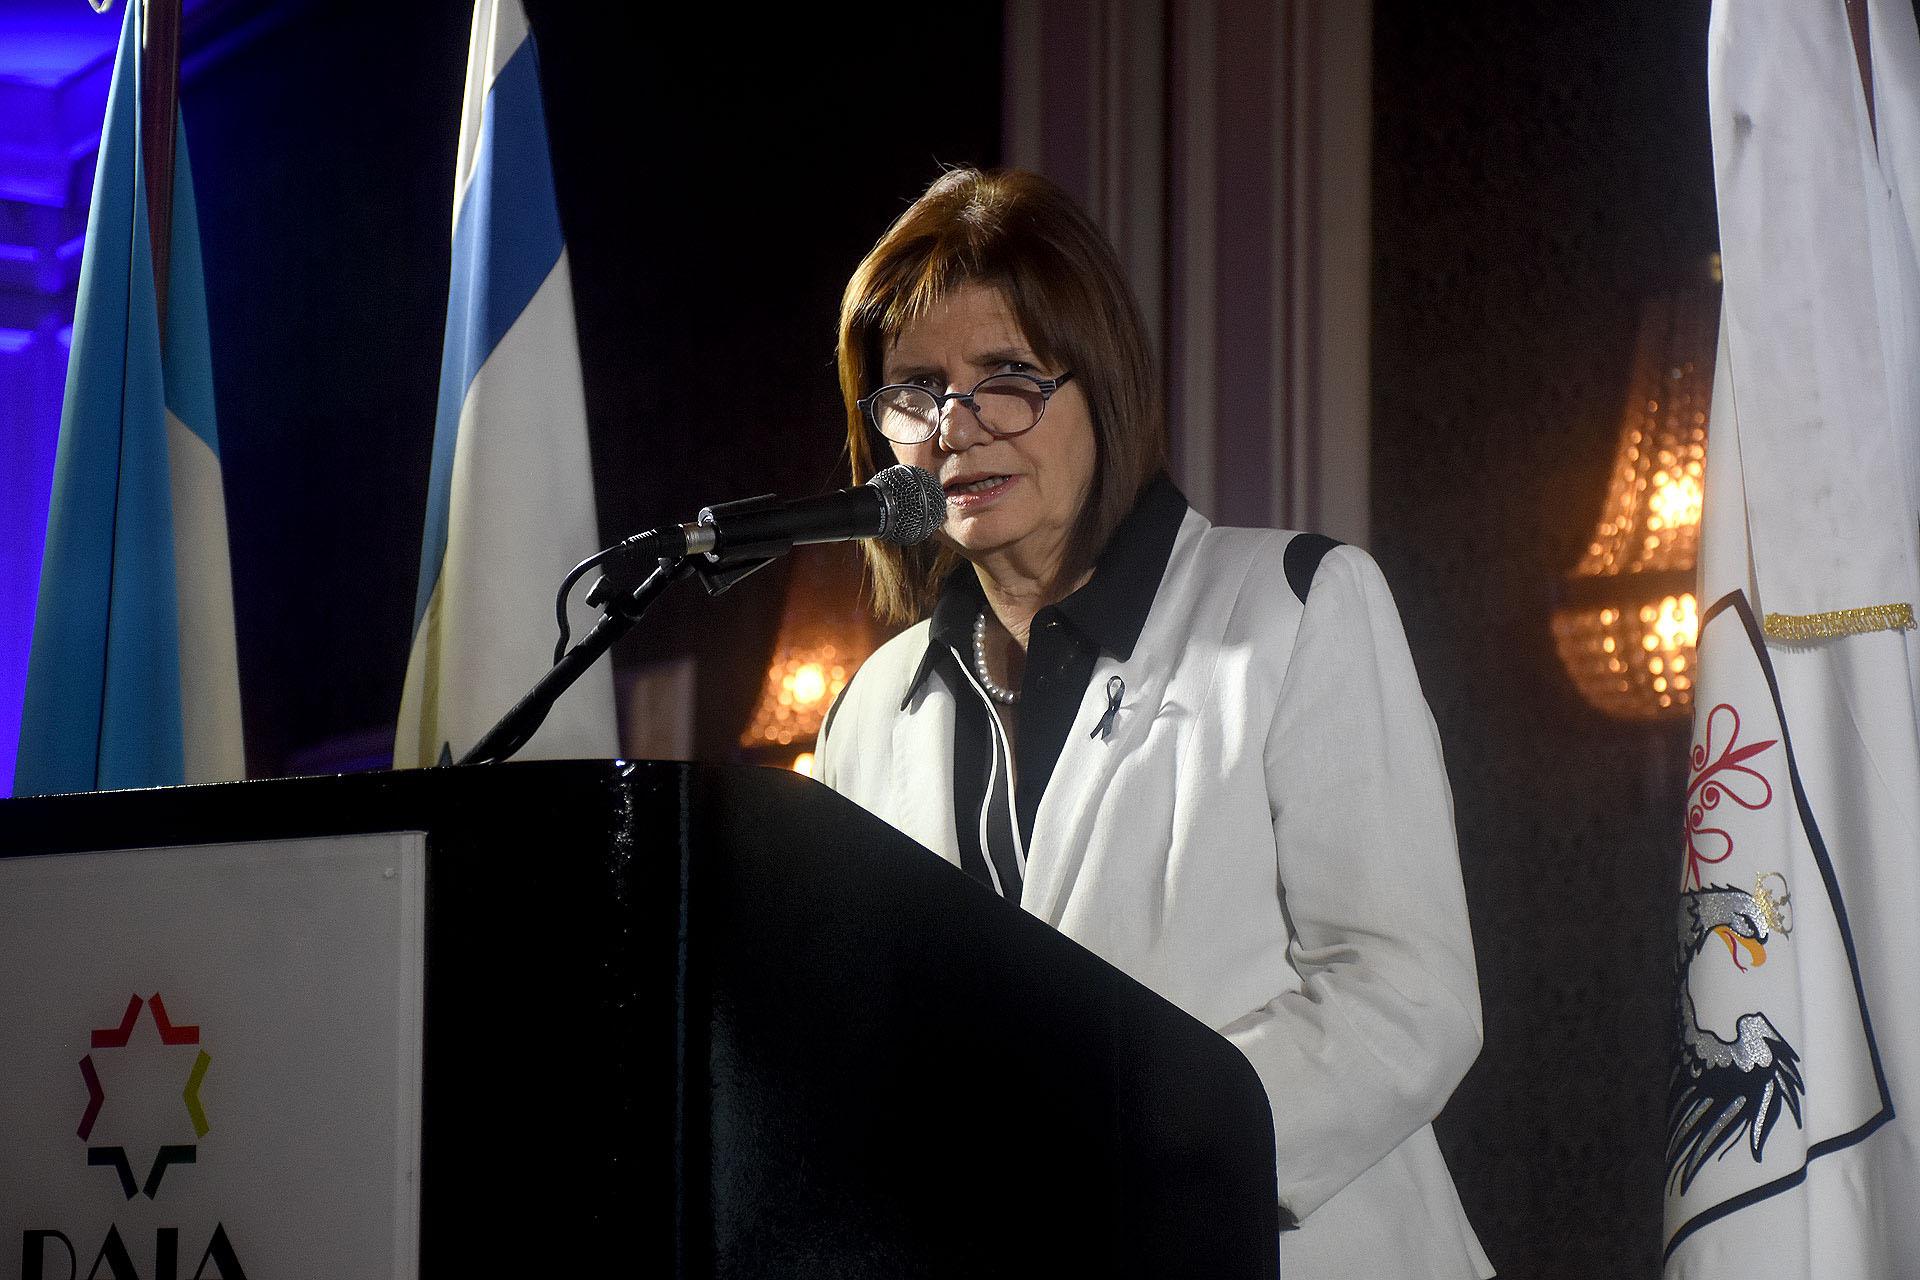 El discurso de la ministra de Seguridad, Patricia Bullrich